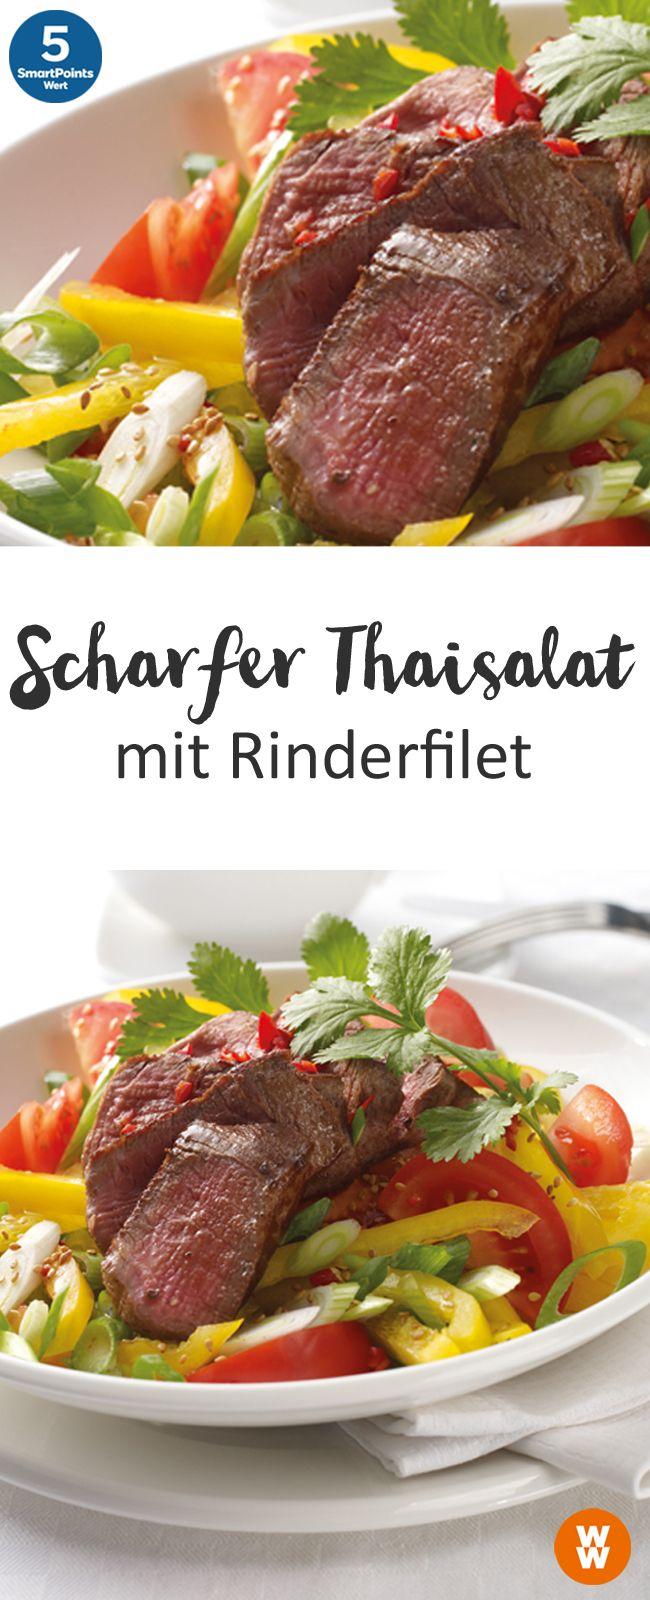 Scharfer Thaisalat mit Rinderfilet | 2 Portionen, 5 SmartPoints/Portion, Weight Watchers, fertig in 30 min.